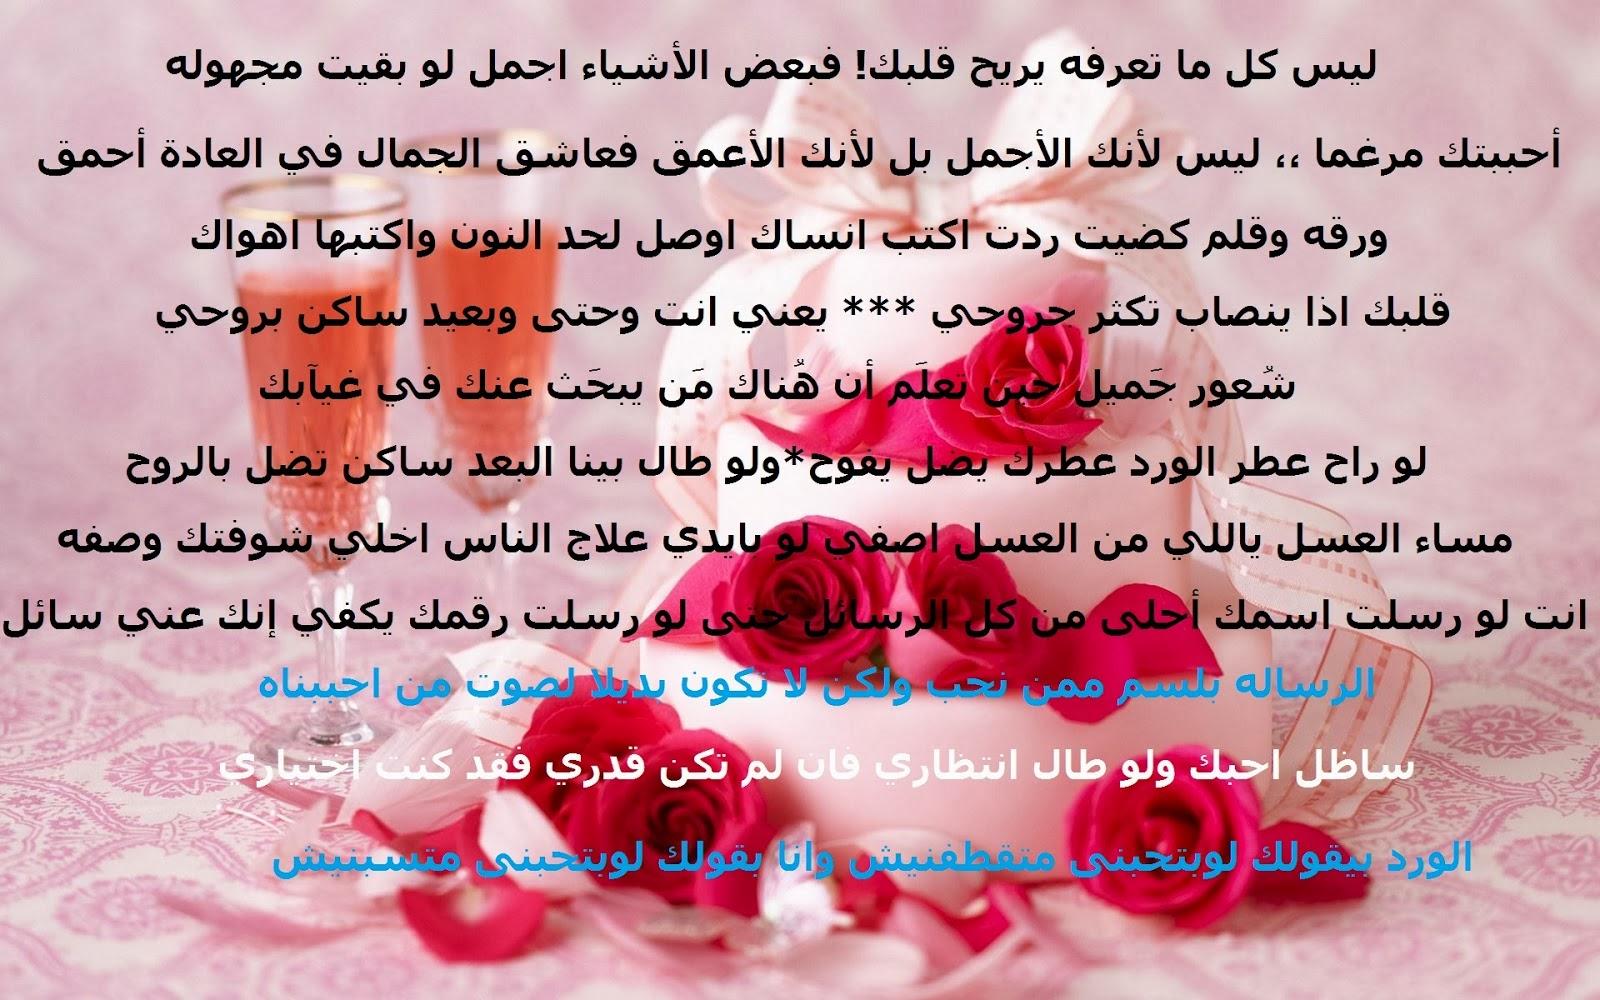 بالصور احدث رسائل الحب , رسائل الاحباب وجماله 5439 7